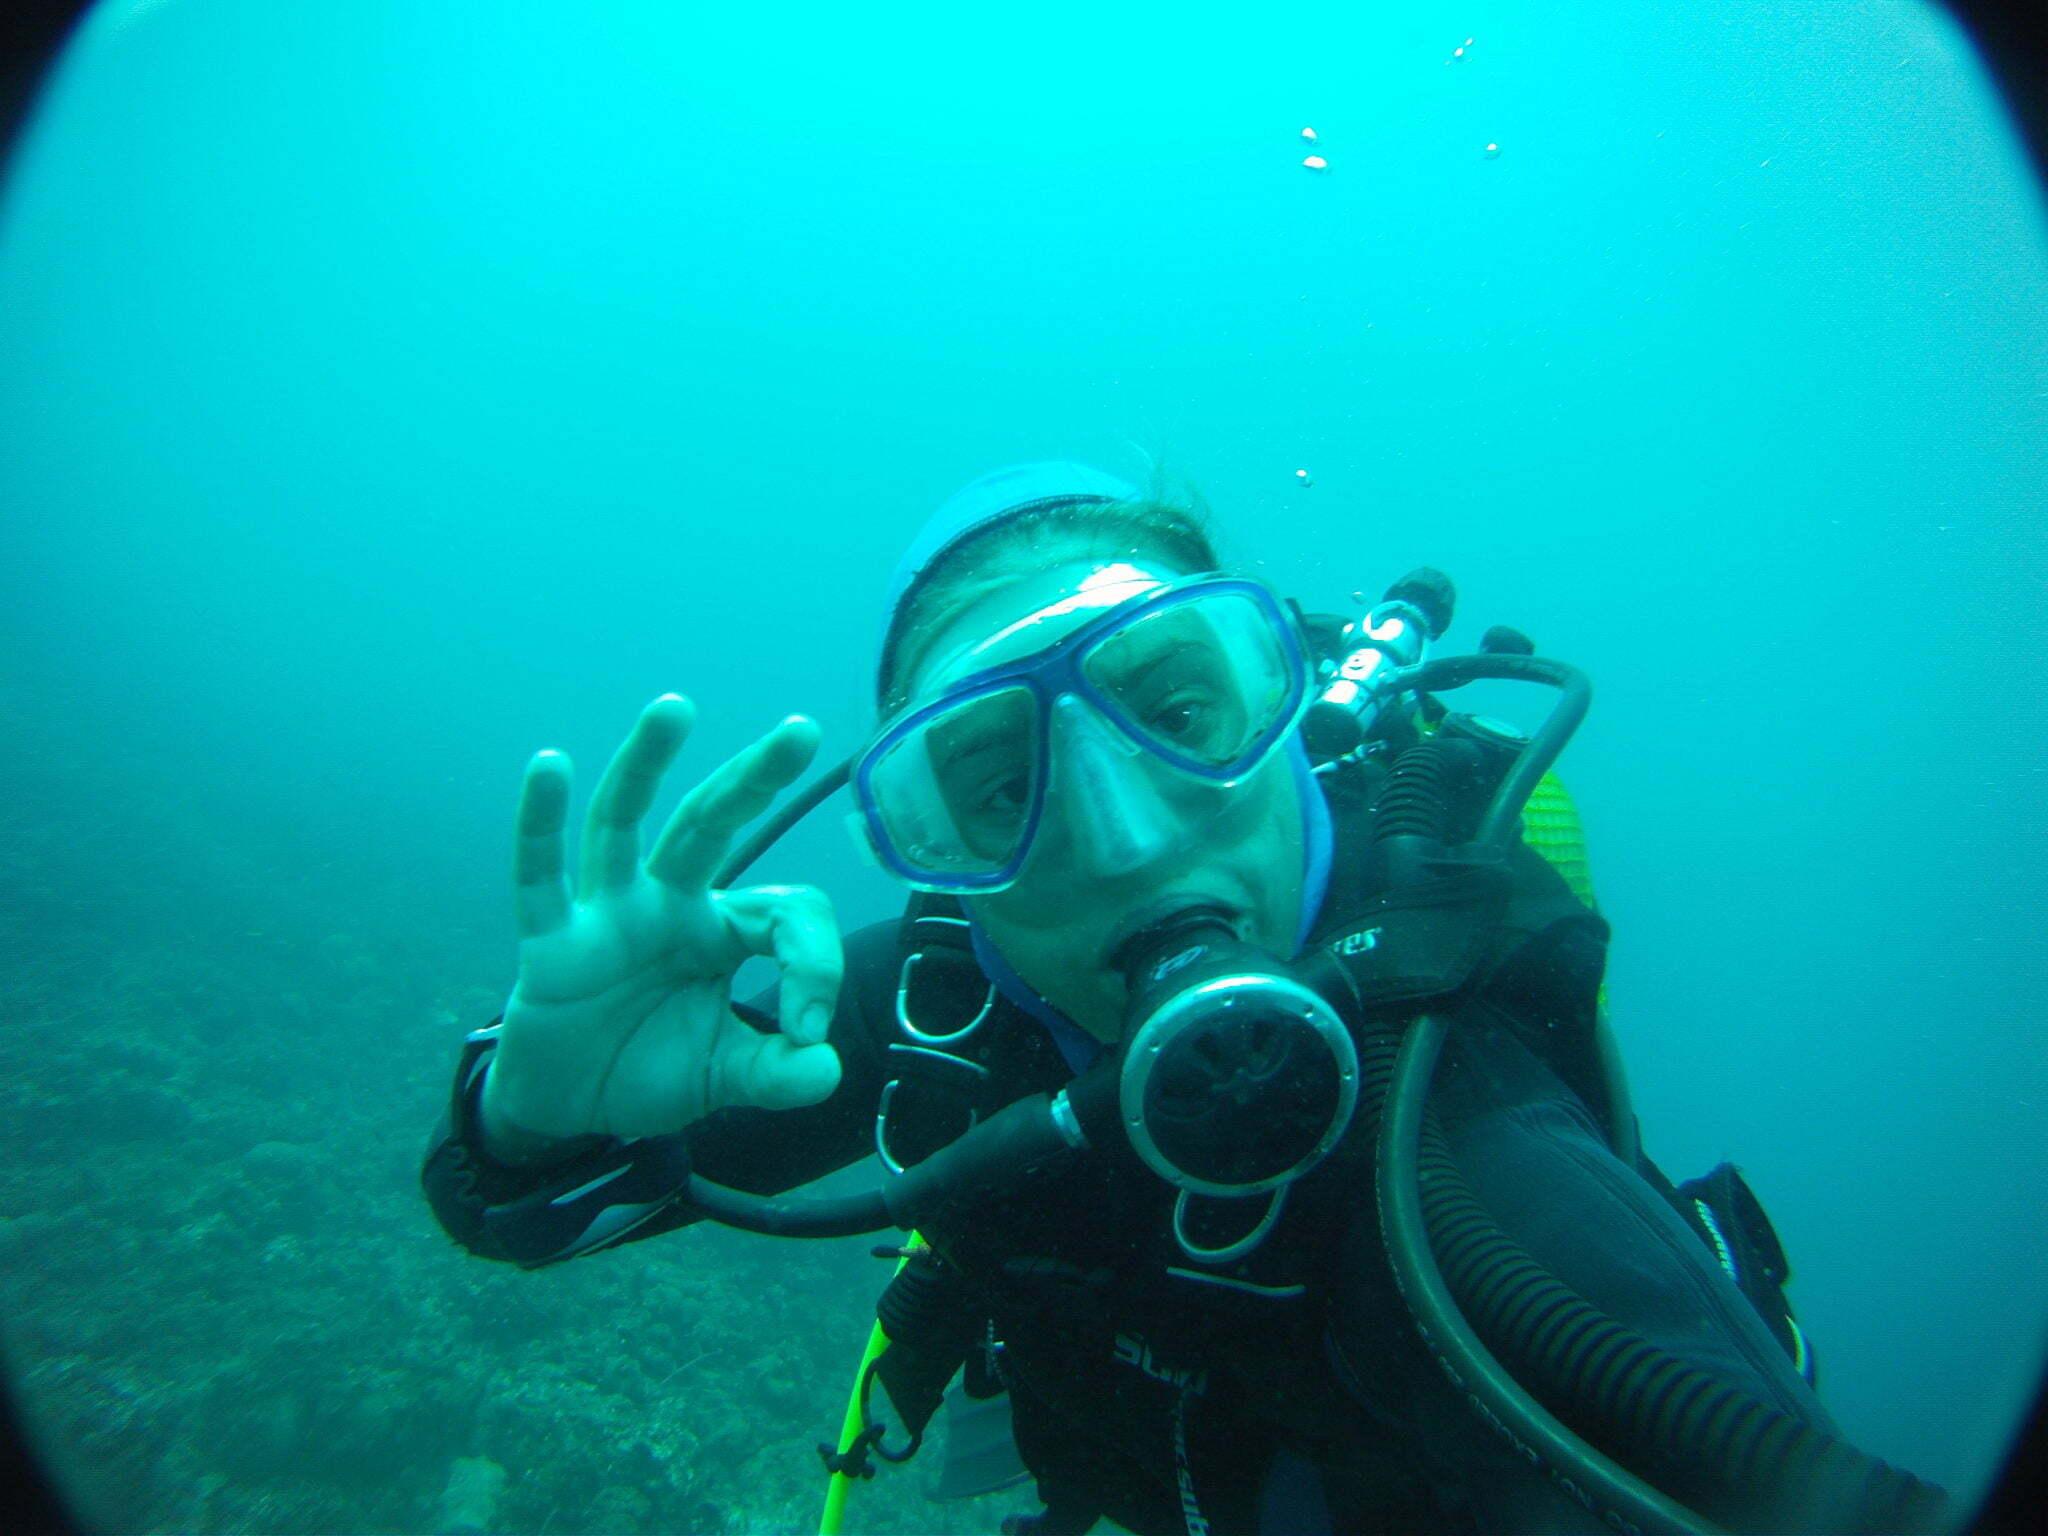 guia do mergulho, imagem de mergulhar autônomo debaixo dagua